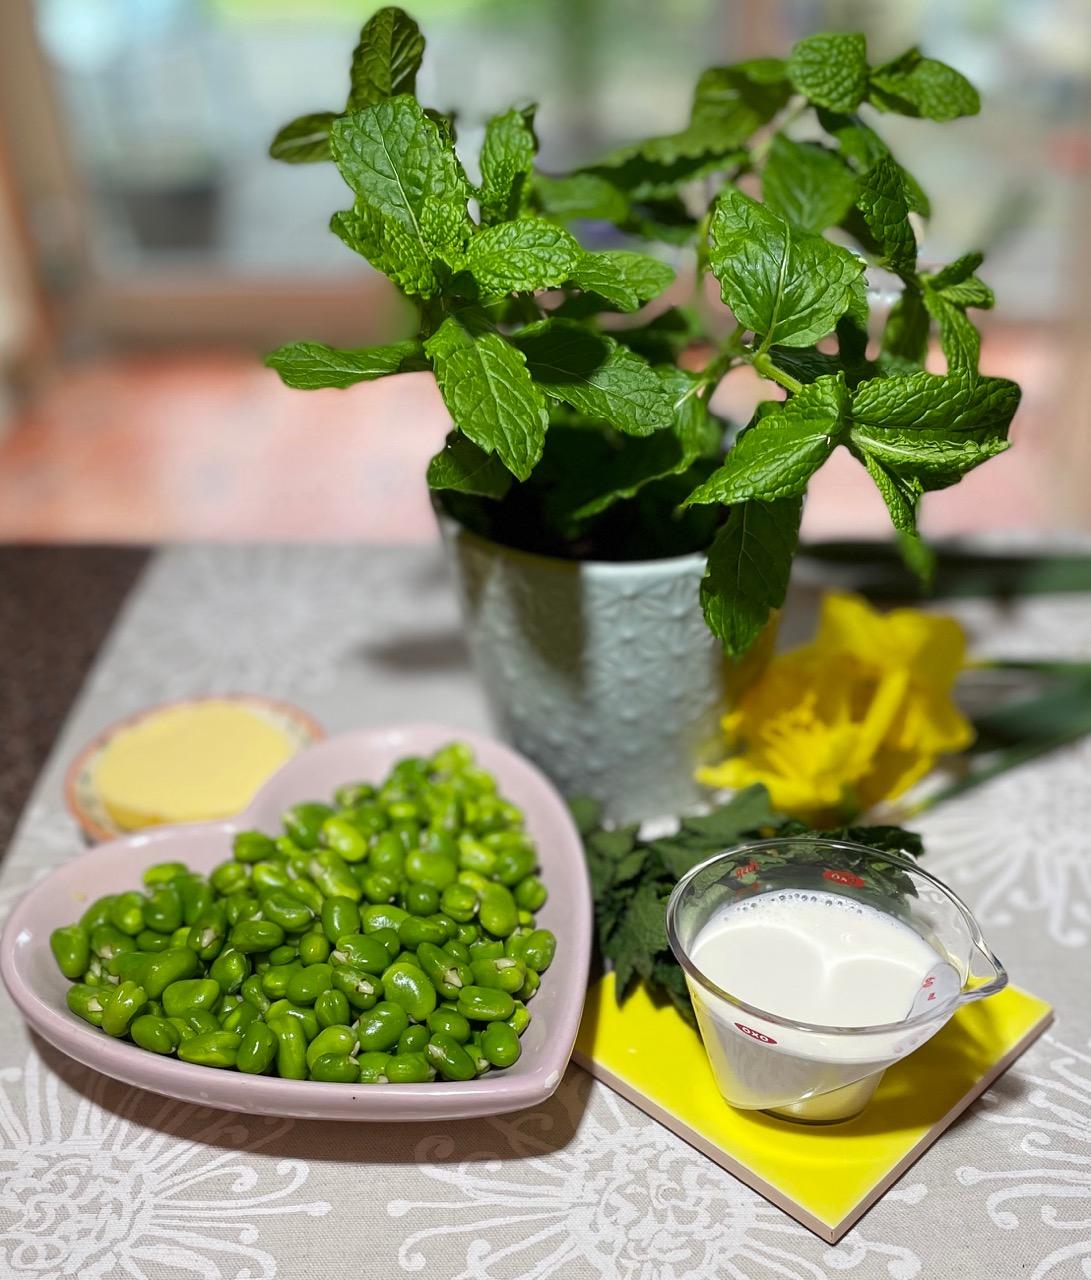 broad-bean-puree-ingredients